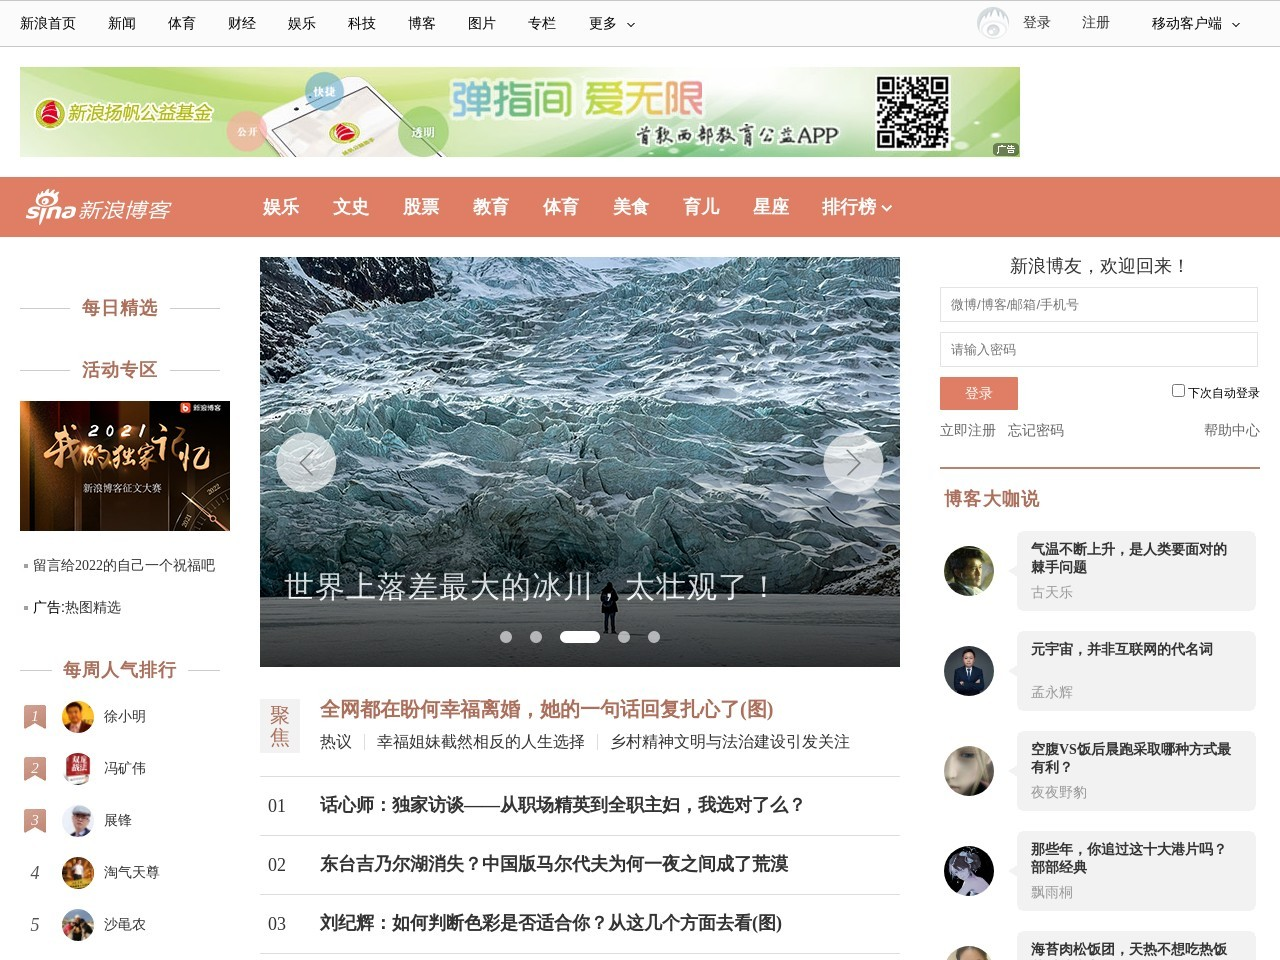 日评:周三操作策略(4.28)_财经江南农民_新浪博客